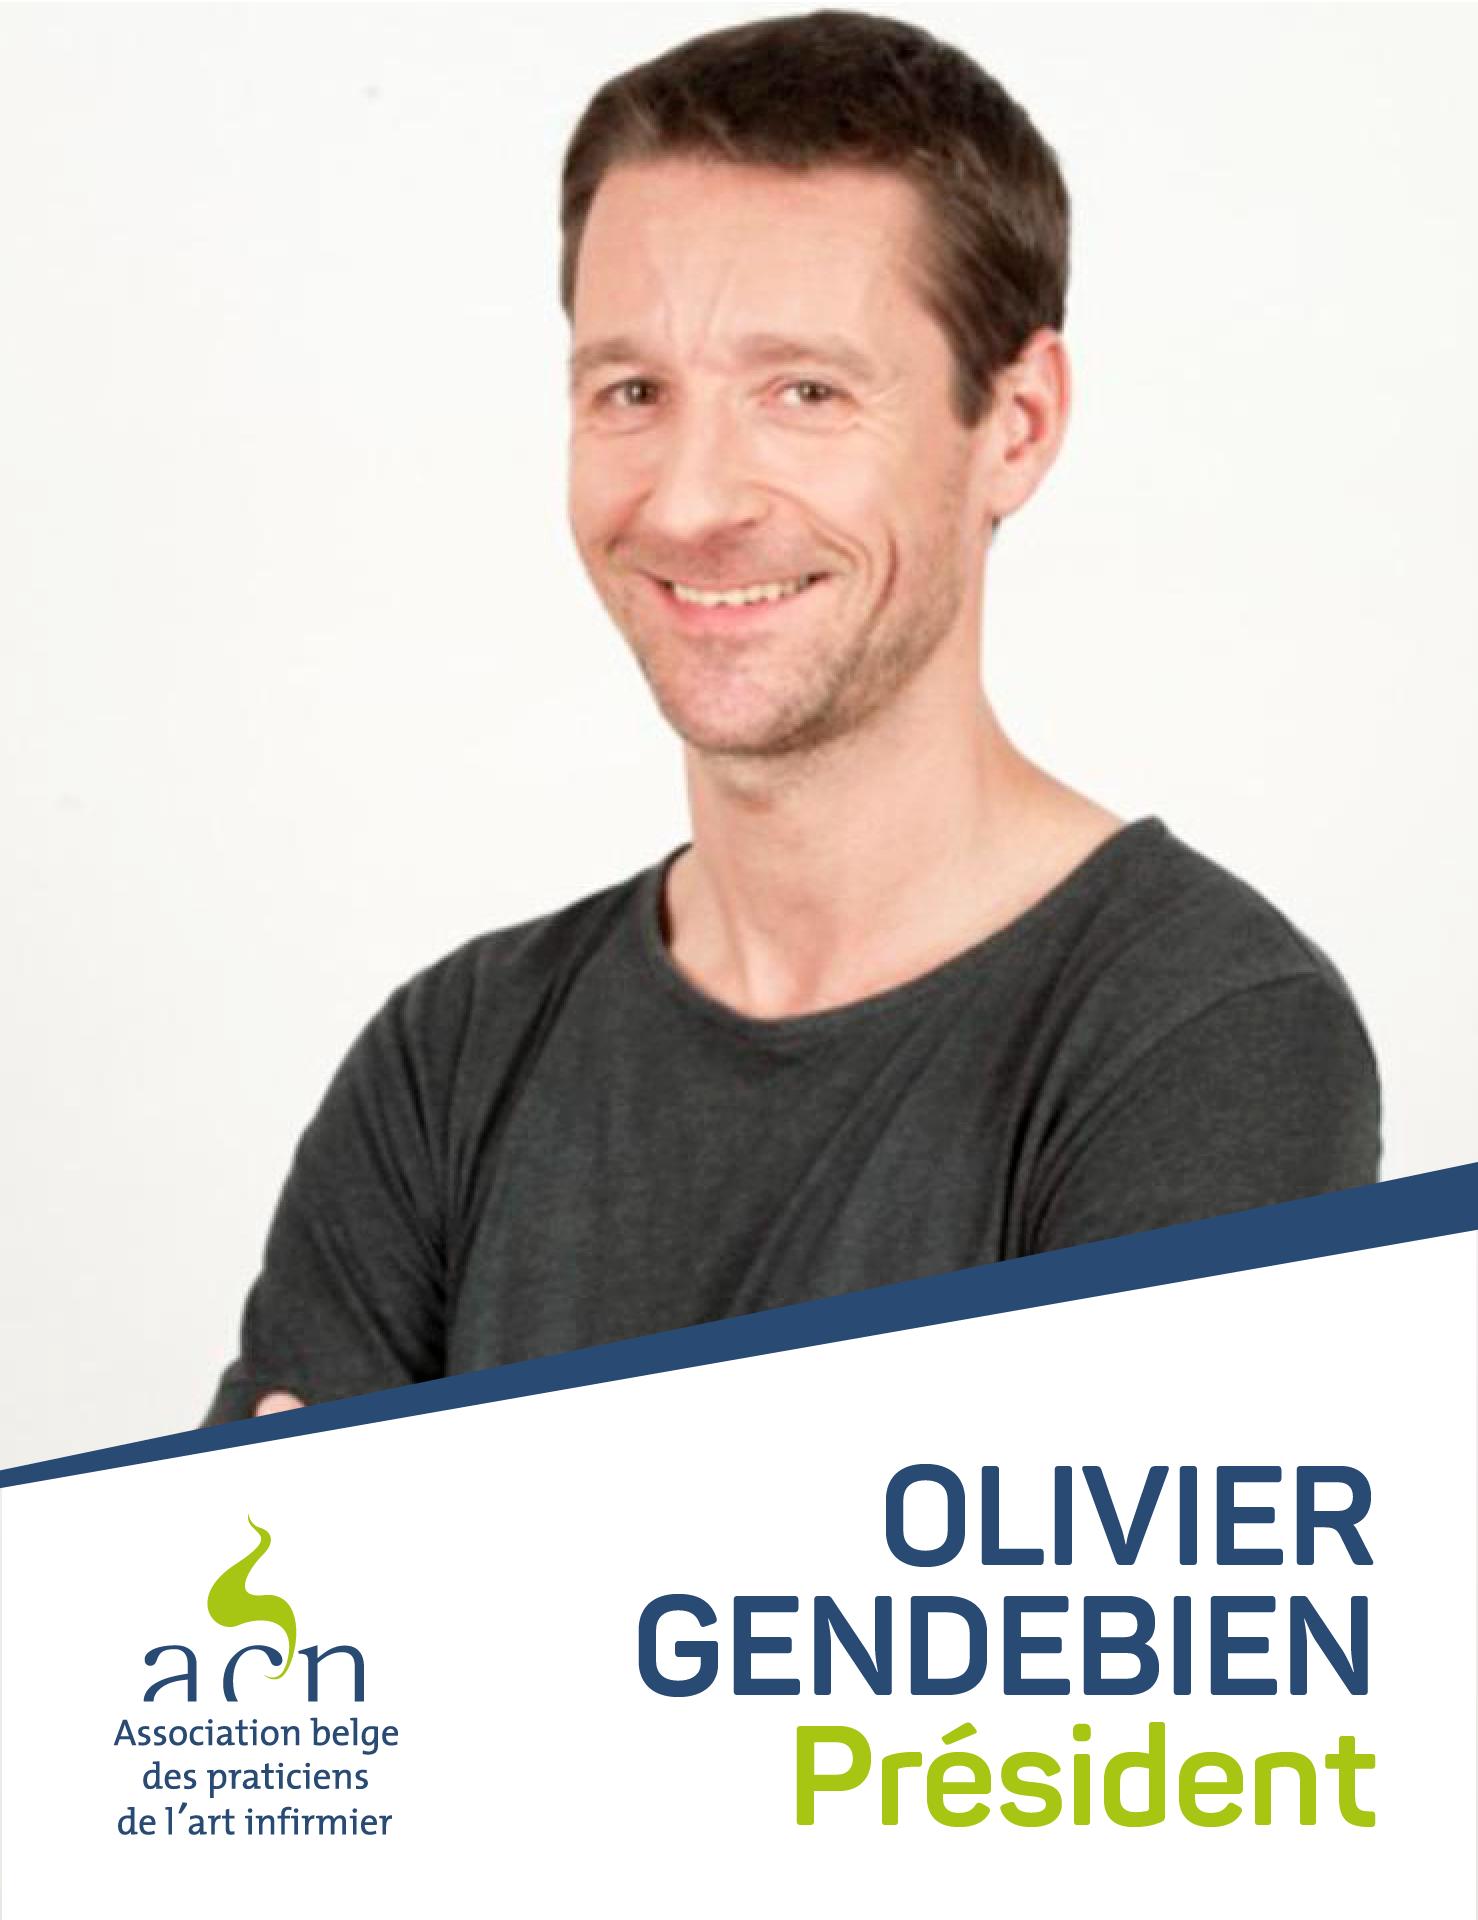 Olivier Gendebien, nouveau Président de l'acn